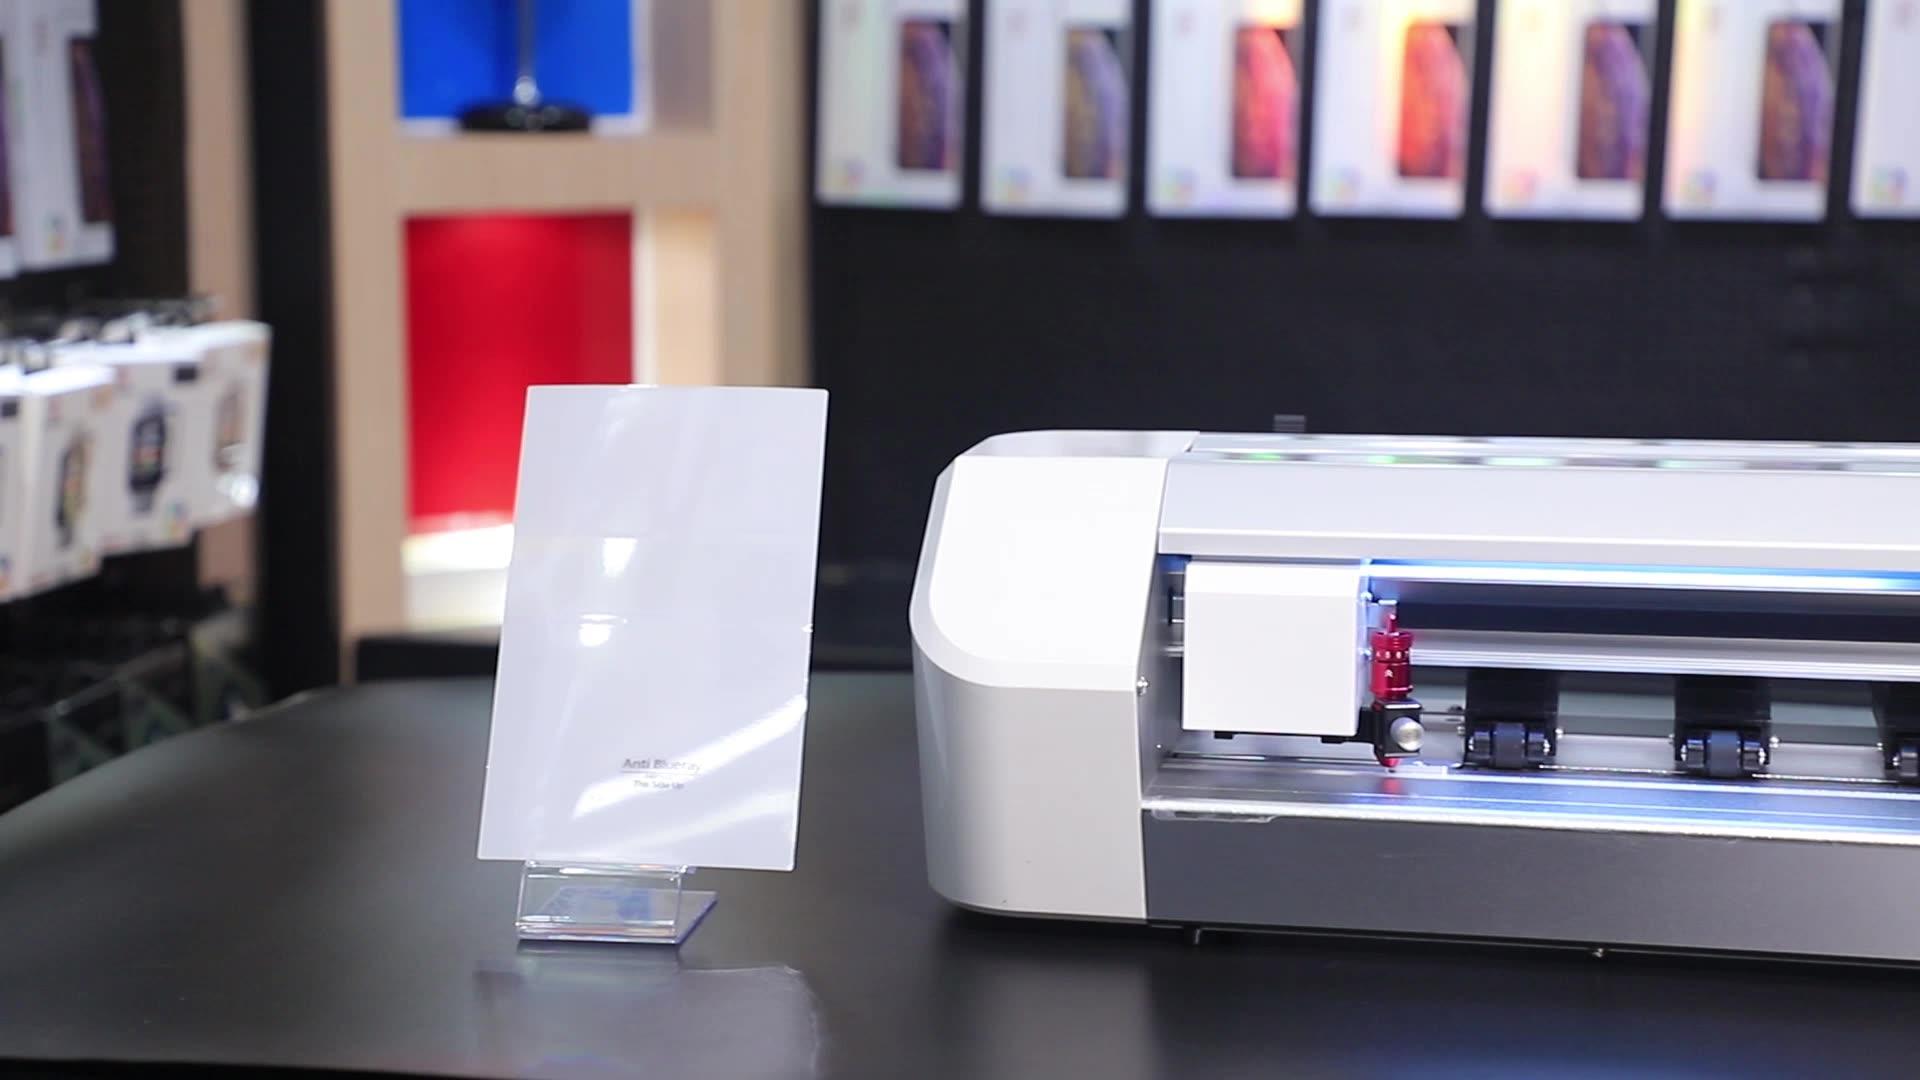 Weiche Material Film Schneiden Schöne Glänzende Zurück Protector Flüssigkeit Nano Bildschirm Protector Maschine